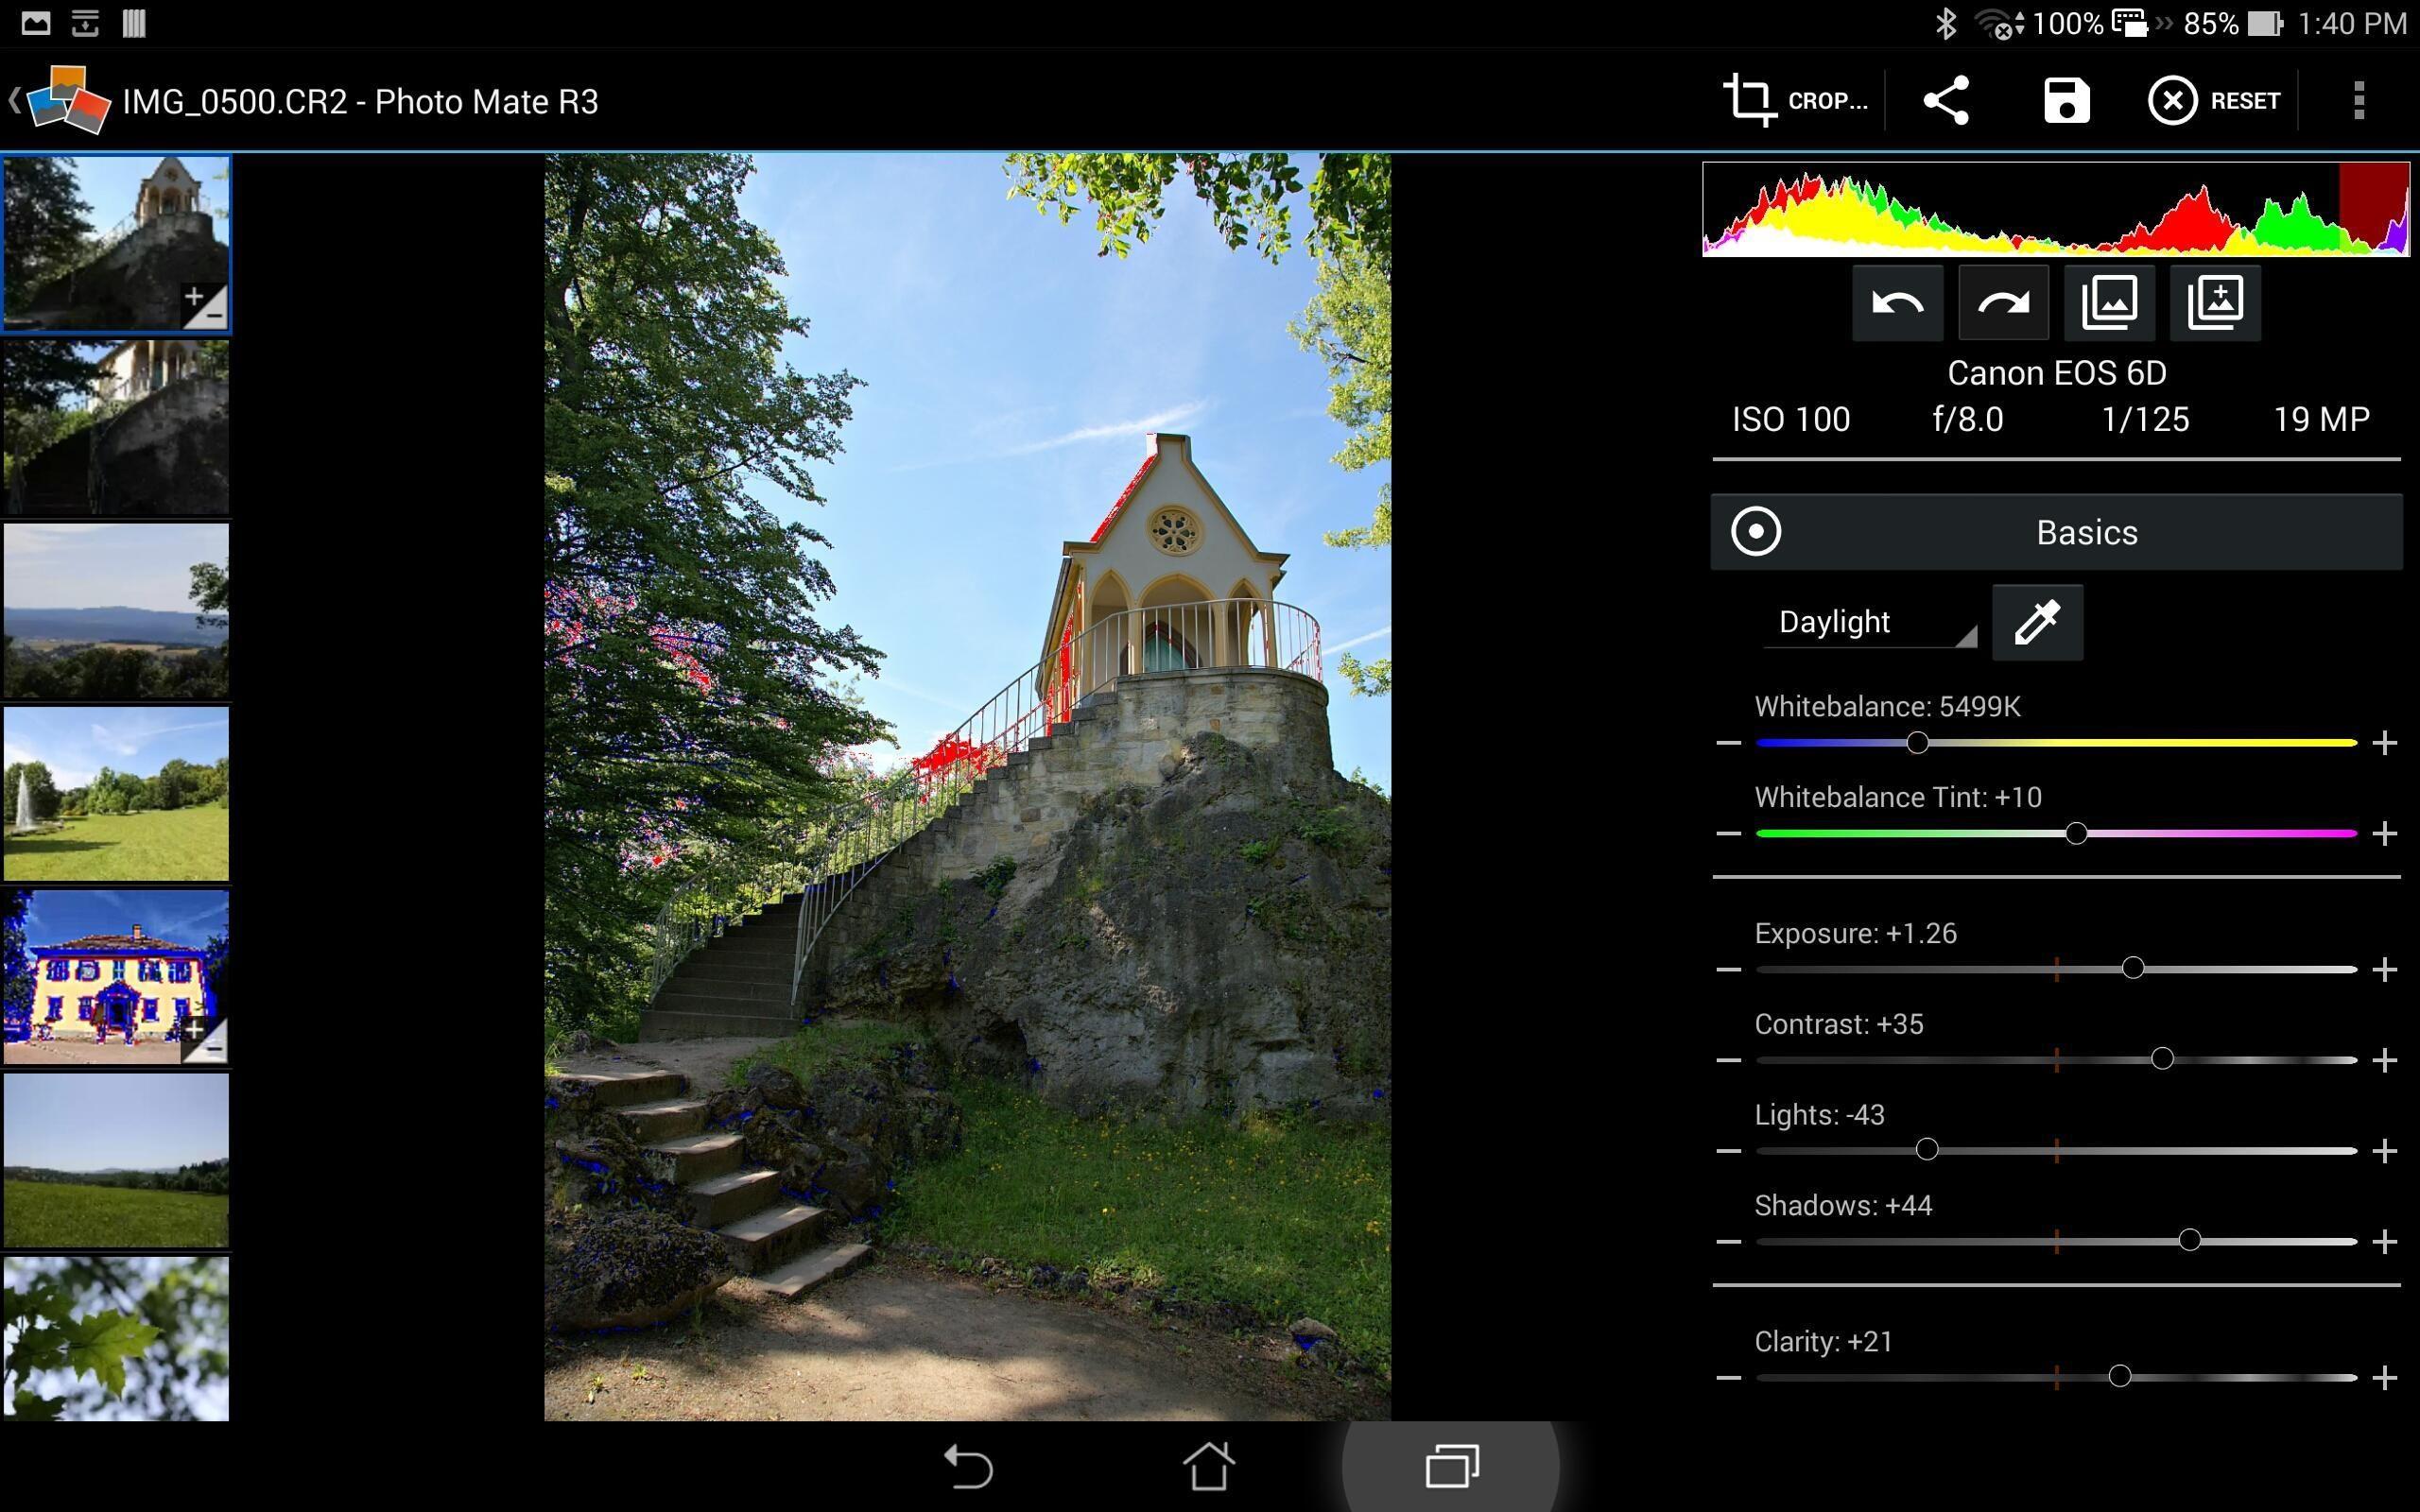 12 phần mềm chỉnh sửa ảnh trên điện thoại iPhone và Android 'vạn người mê' 18